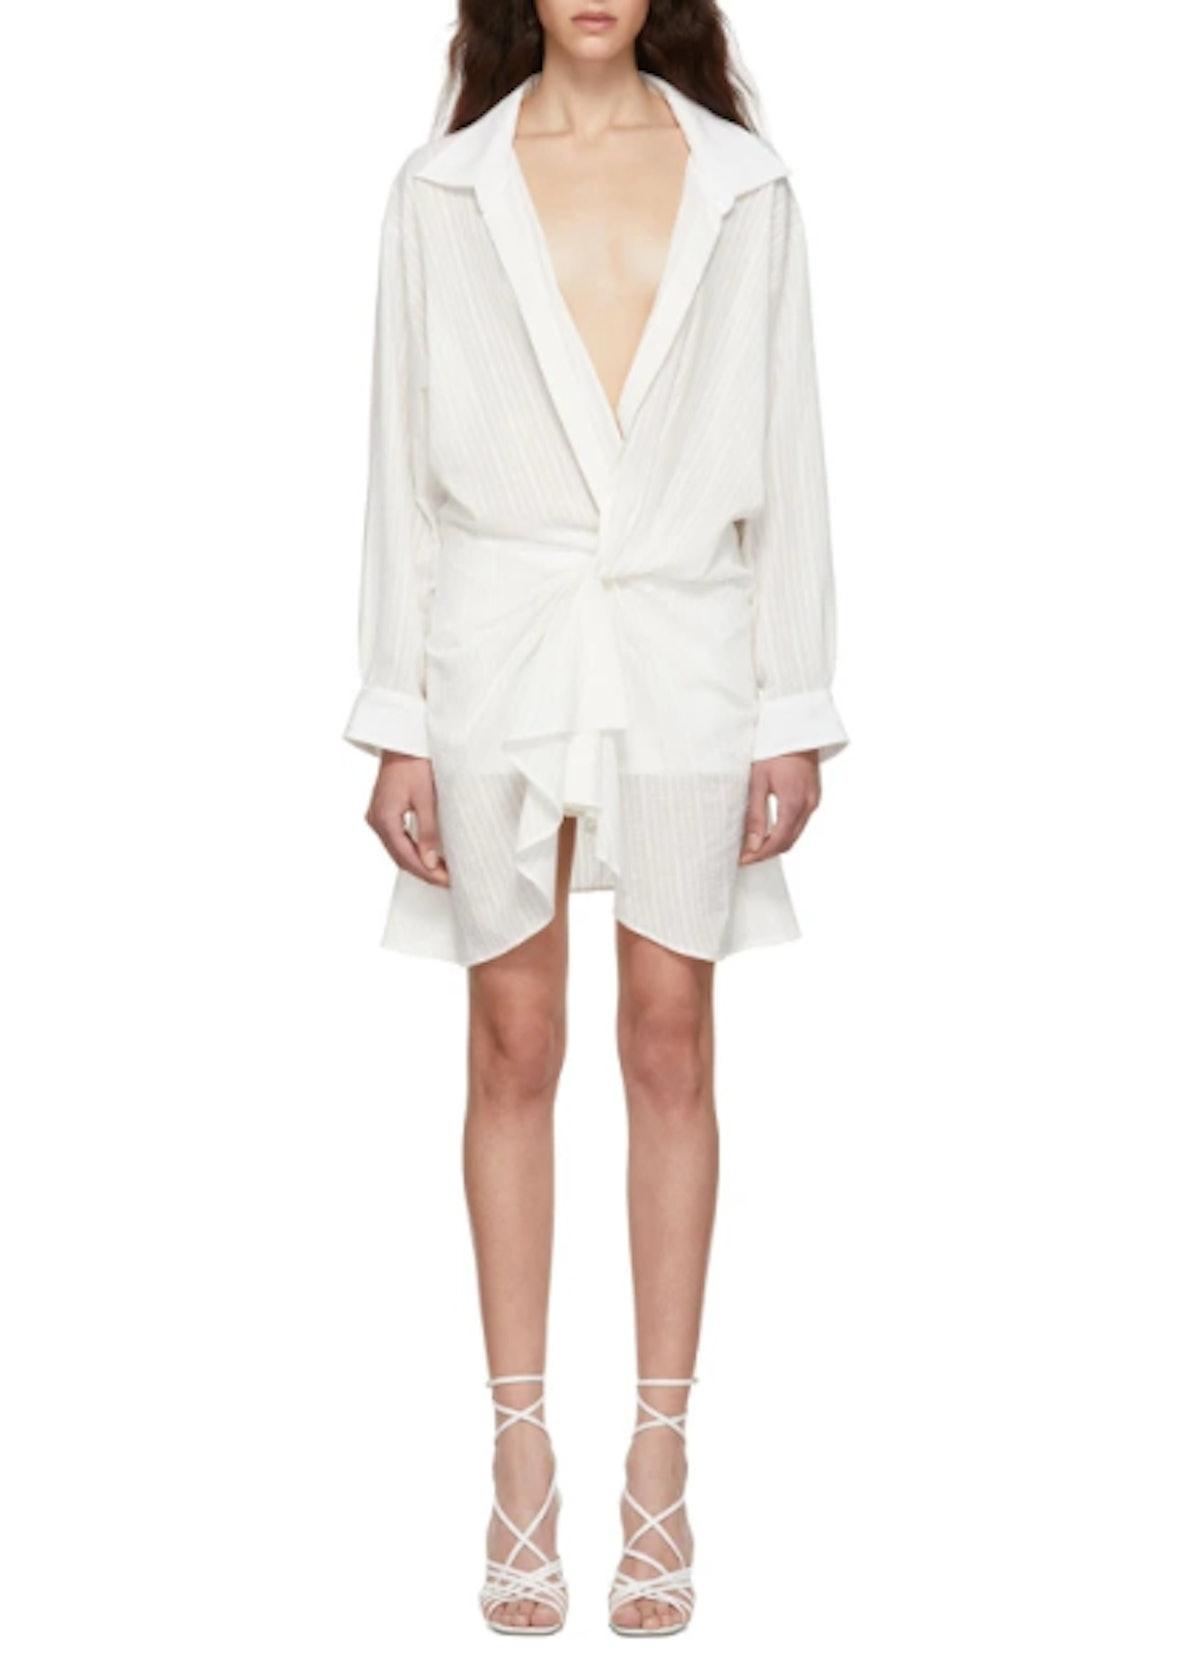 Off-White 'La Robe Alassio' Dress